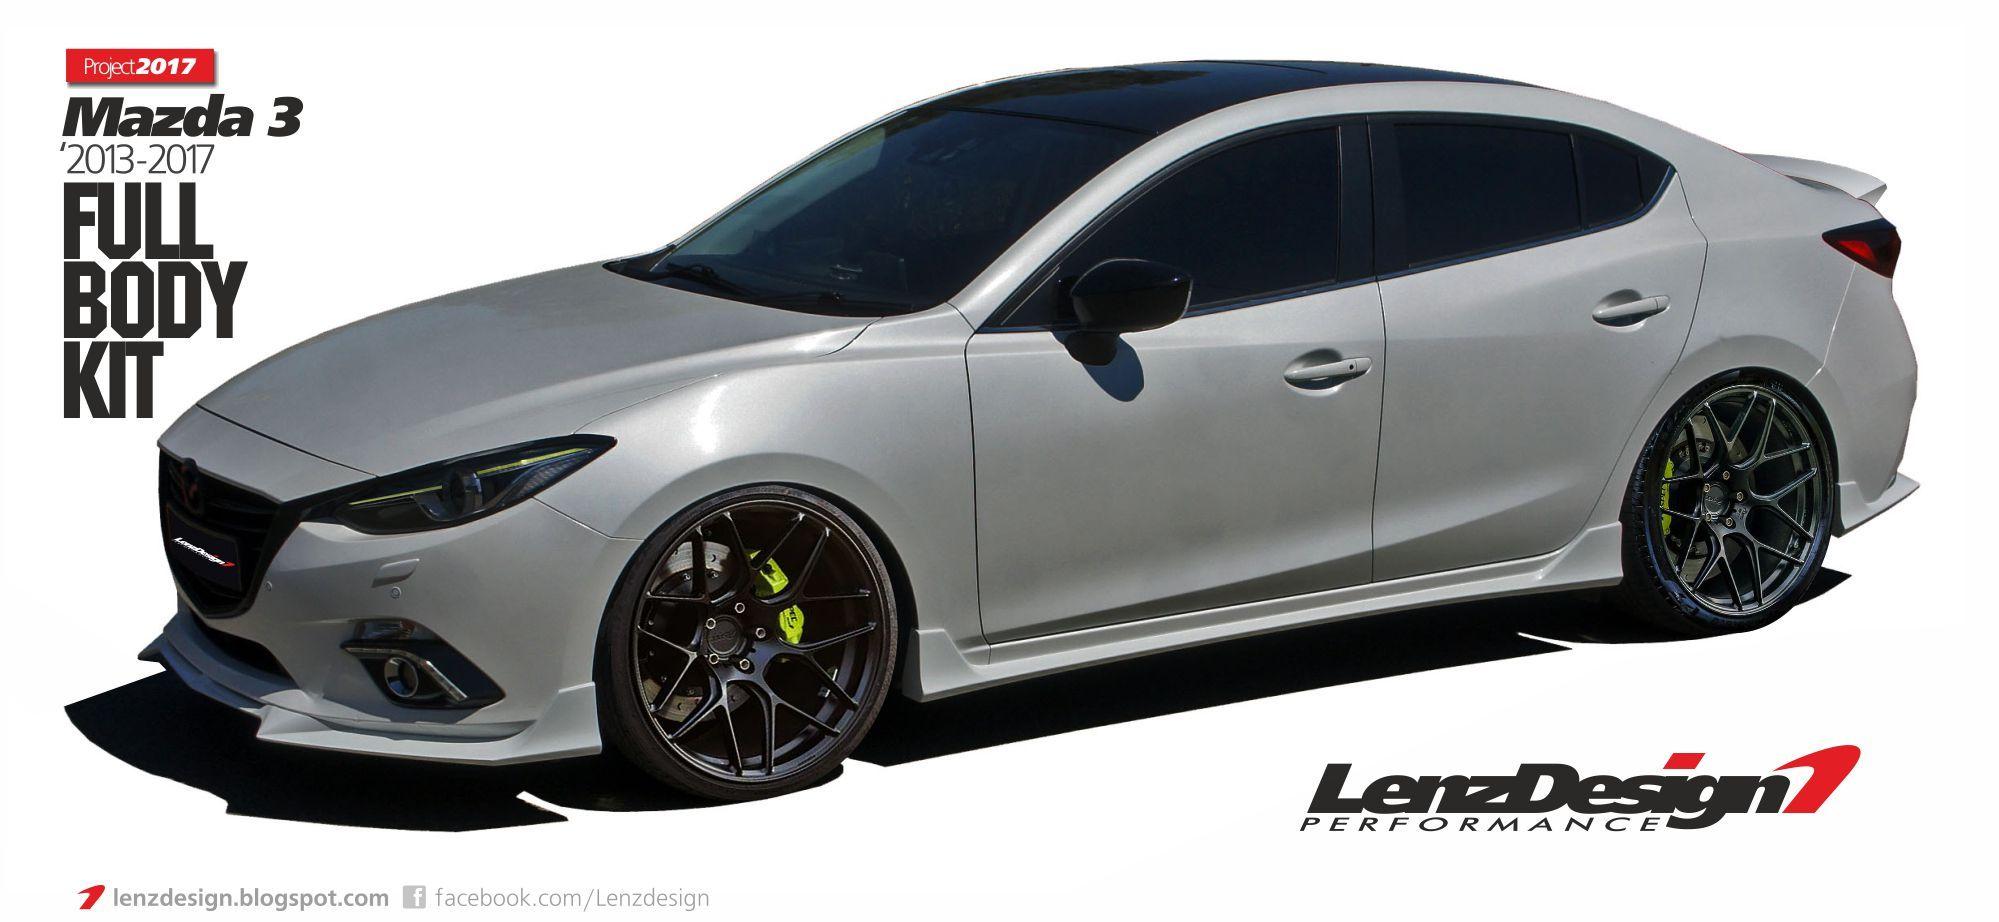 Mazda 3 Bm Axela 2017 2016 Tuning Body Kit Lenzdesign Performance